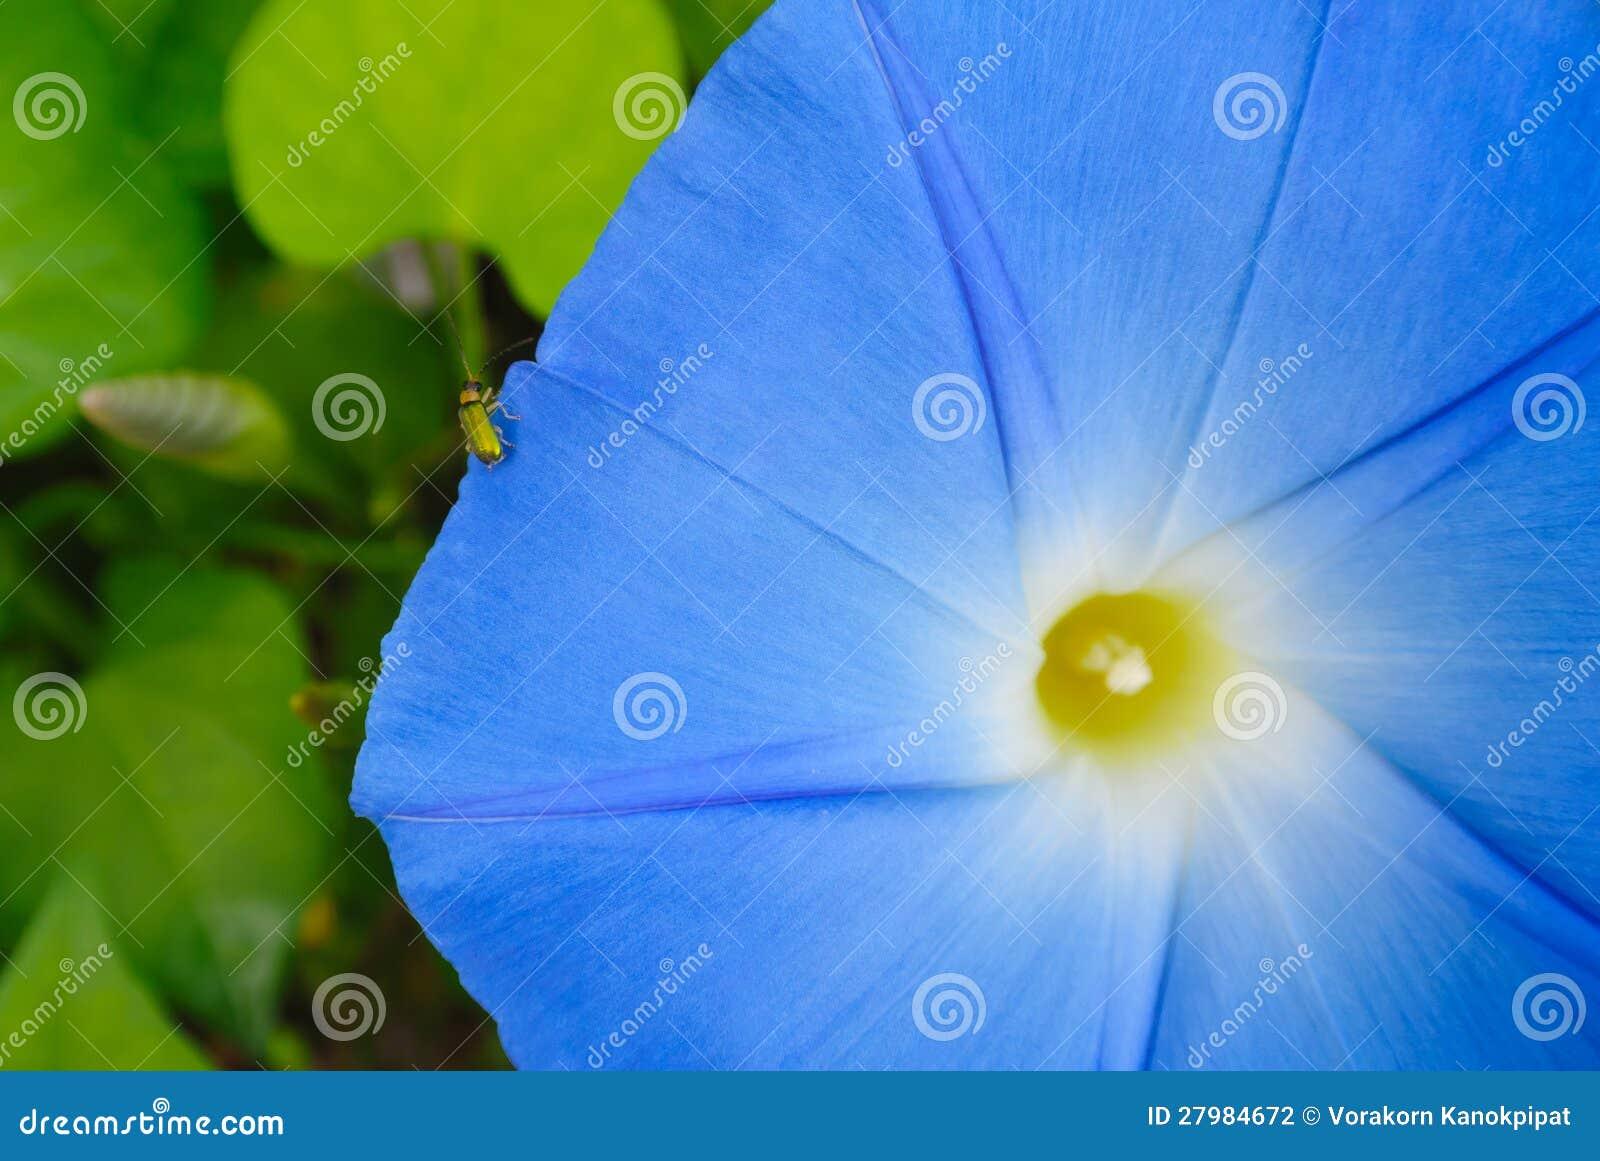 与昆虫的蓝色花